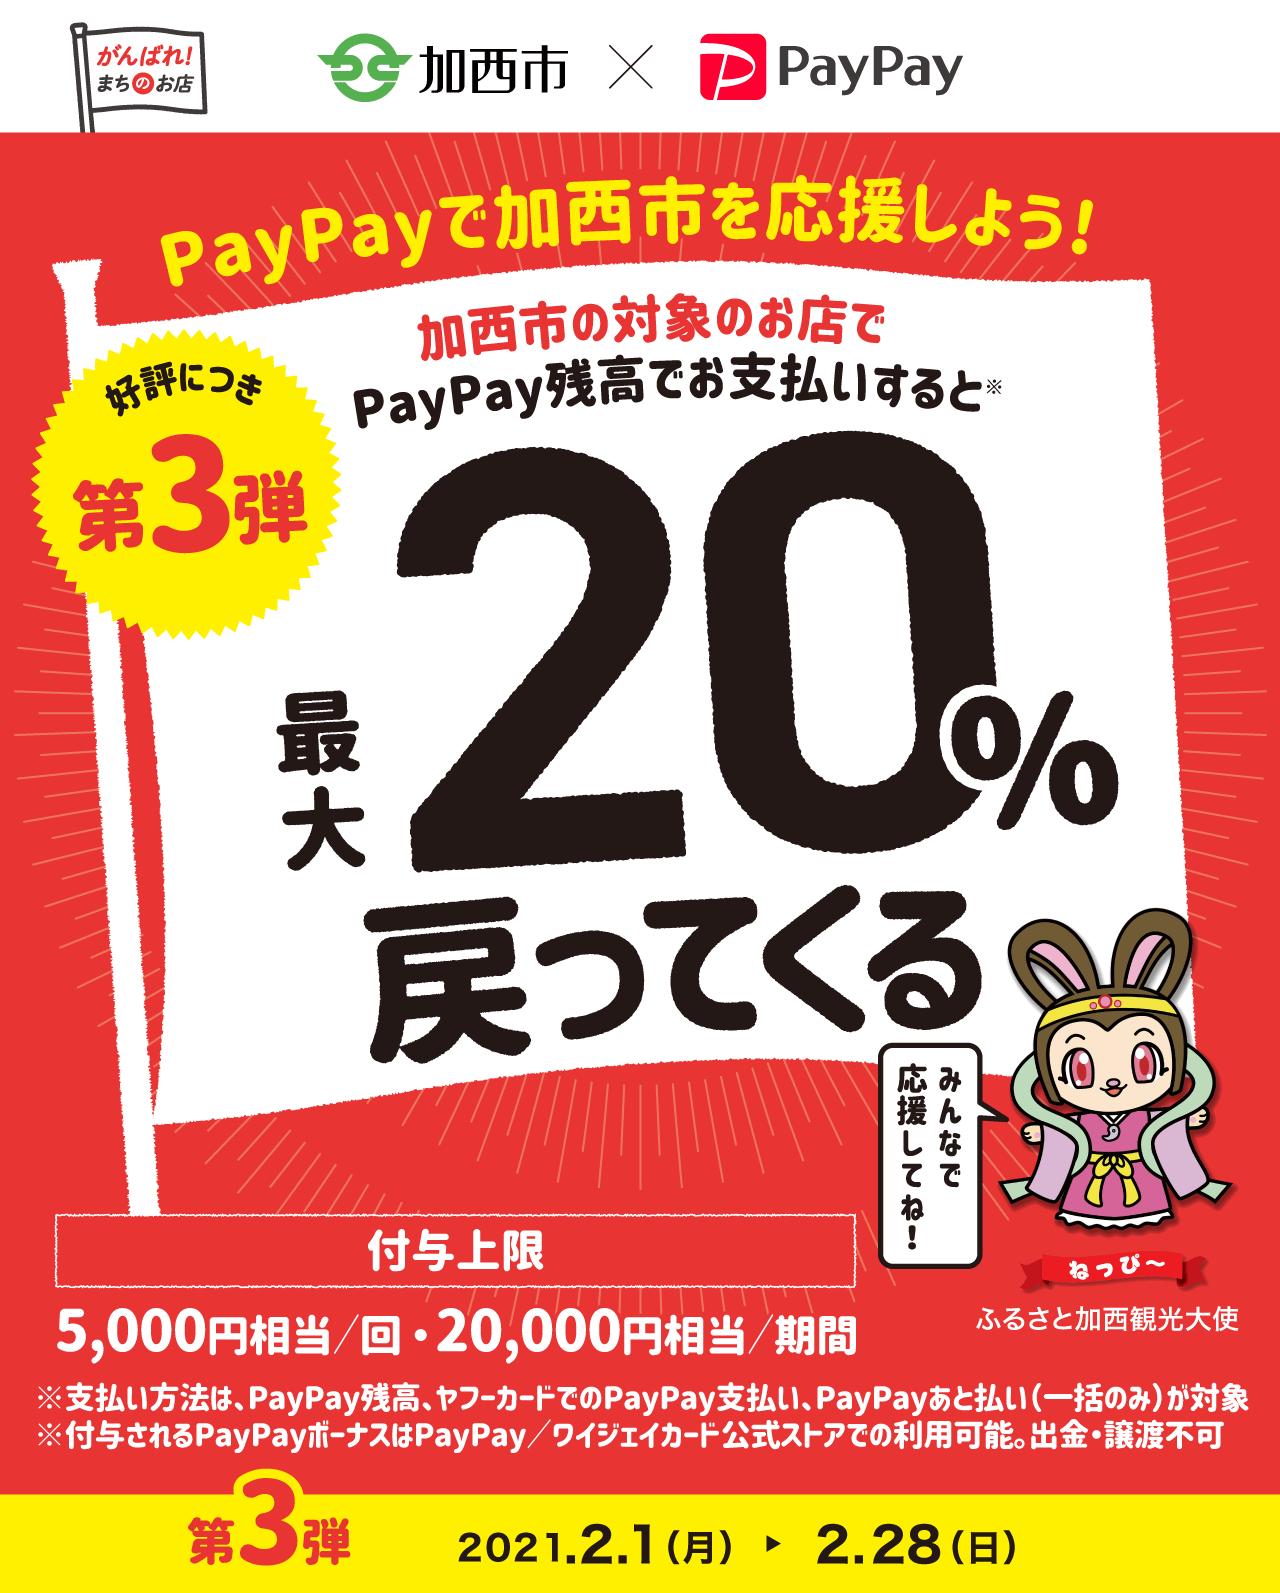 PayPayで加西市を応援しよう! 好評につき第3弾 加西市の対象のお店でPayPay残高でお支払いすると 最大20%戻ってくる